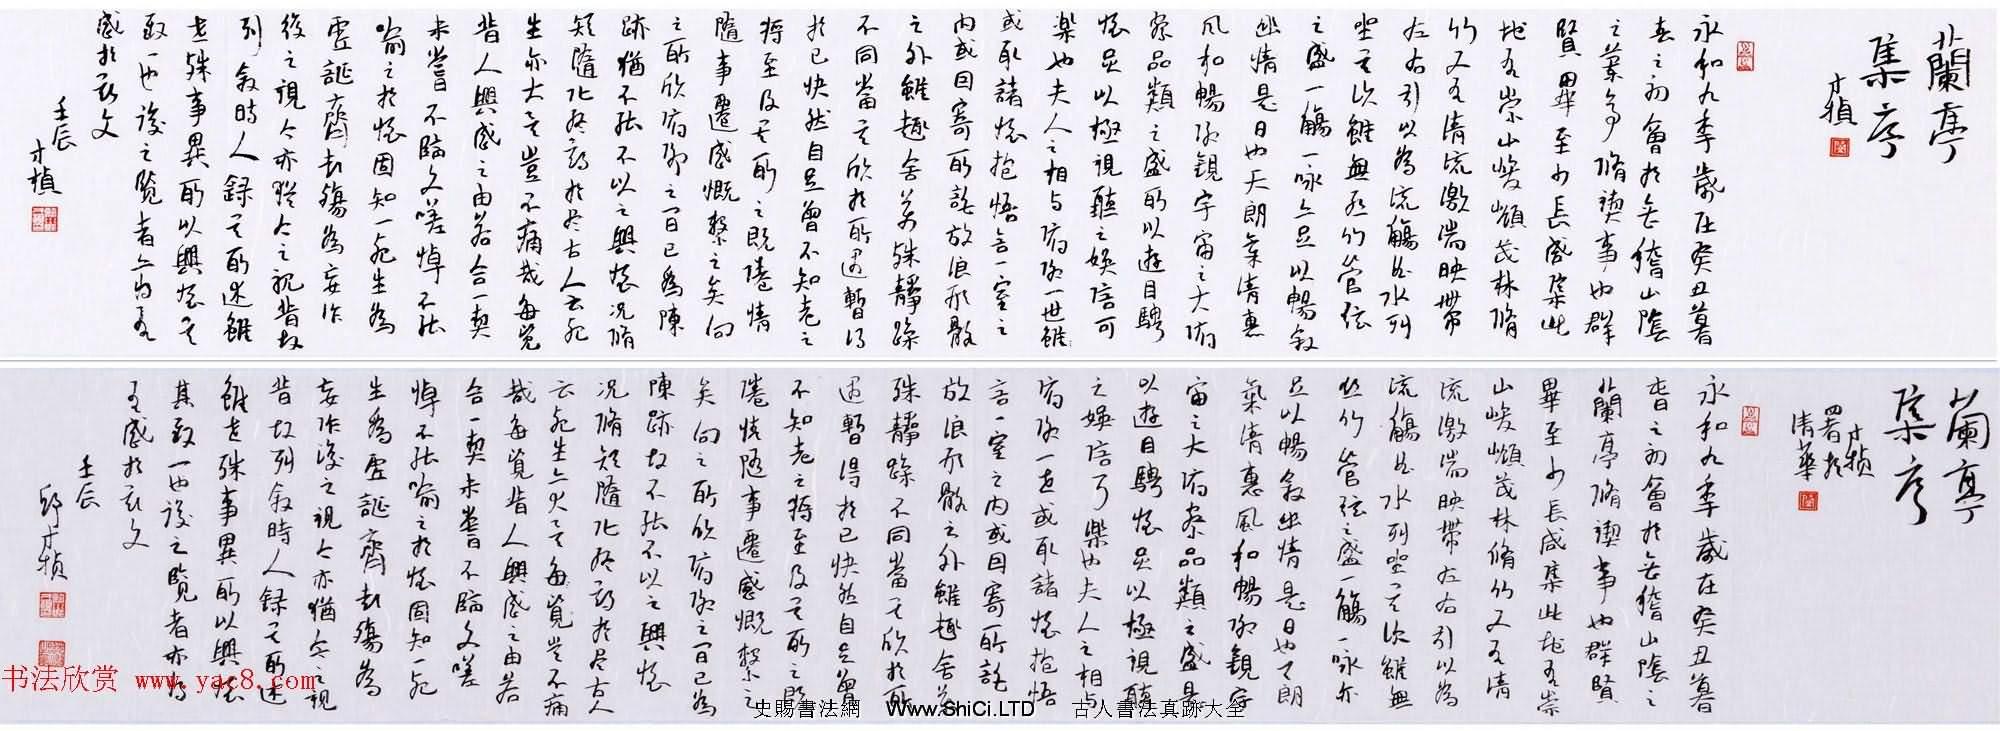 邱才楨書法手卷字帖《蘭亭集序》兩種(共12張圖片)